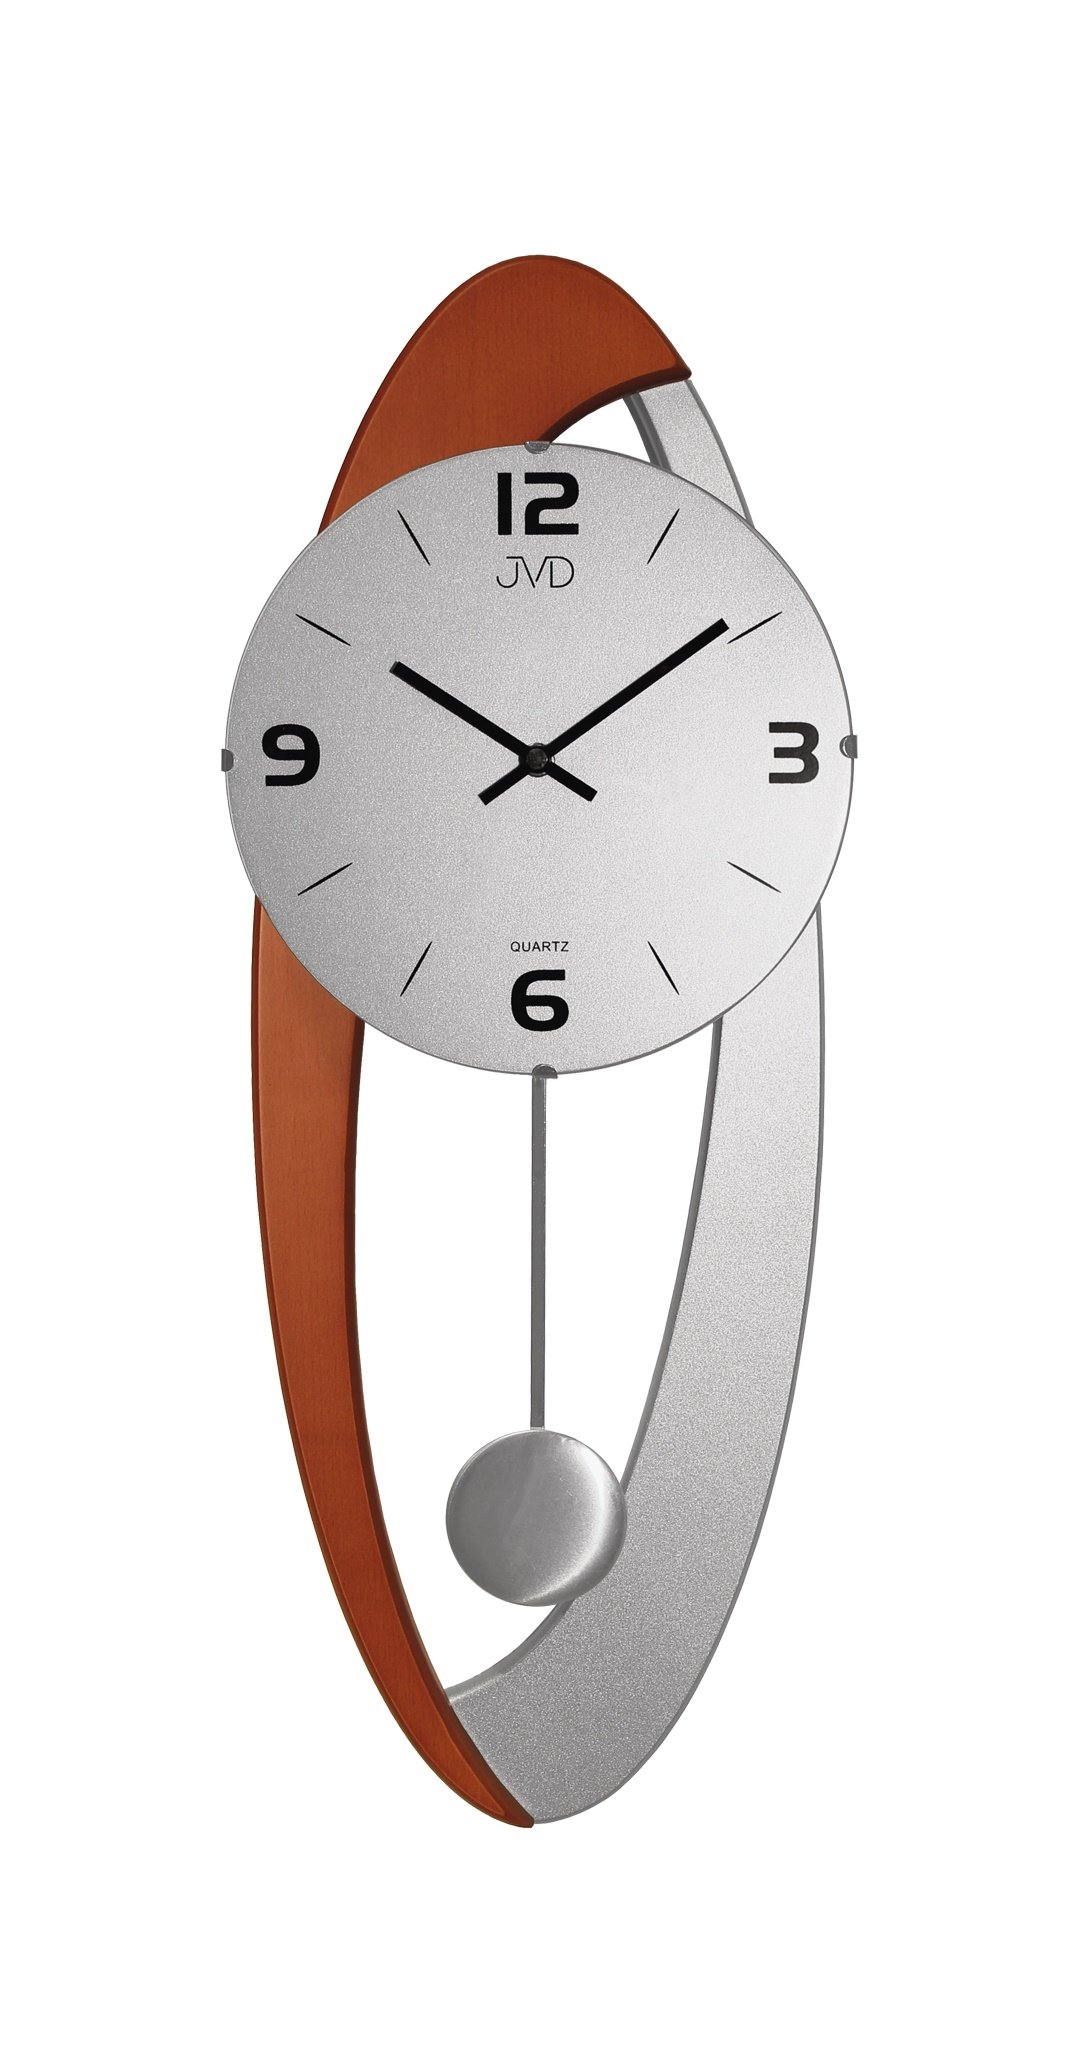 Dřevěné skleněné designové kyvadlové nástěnné hodiny JVD N15021/41 (POŠTOVNÉ ZDARMA!!)